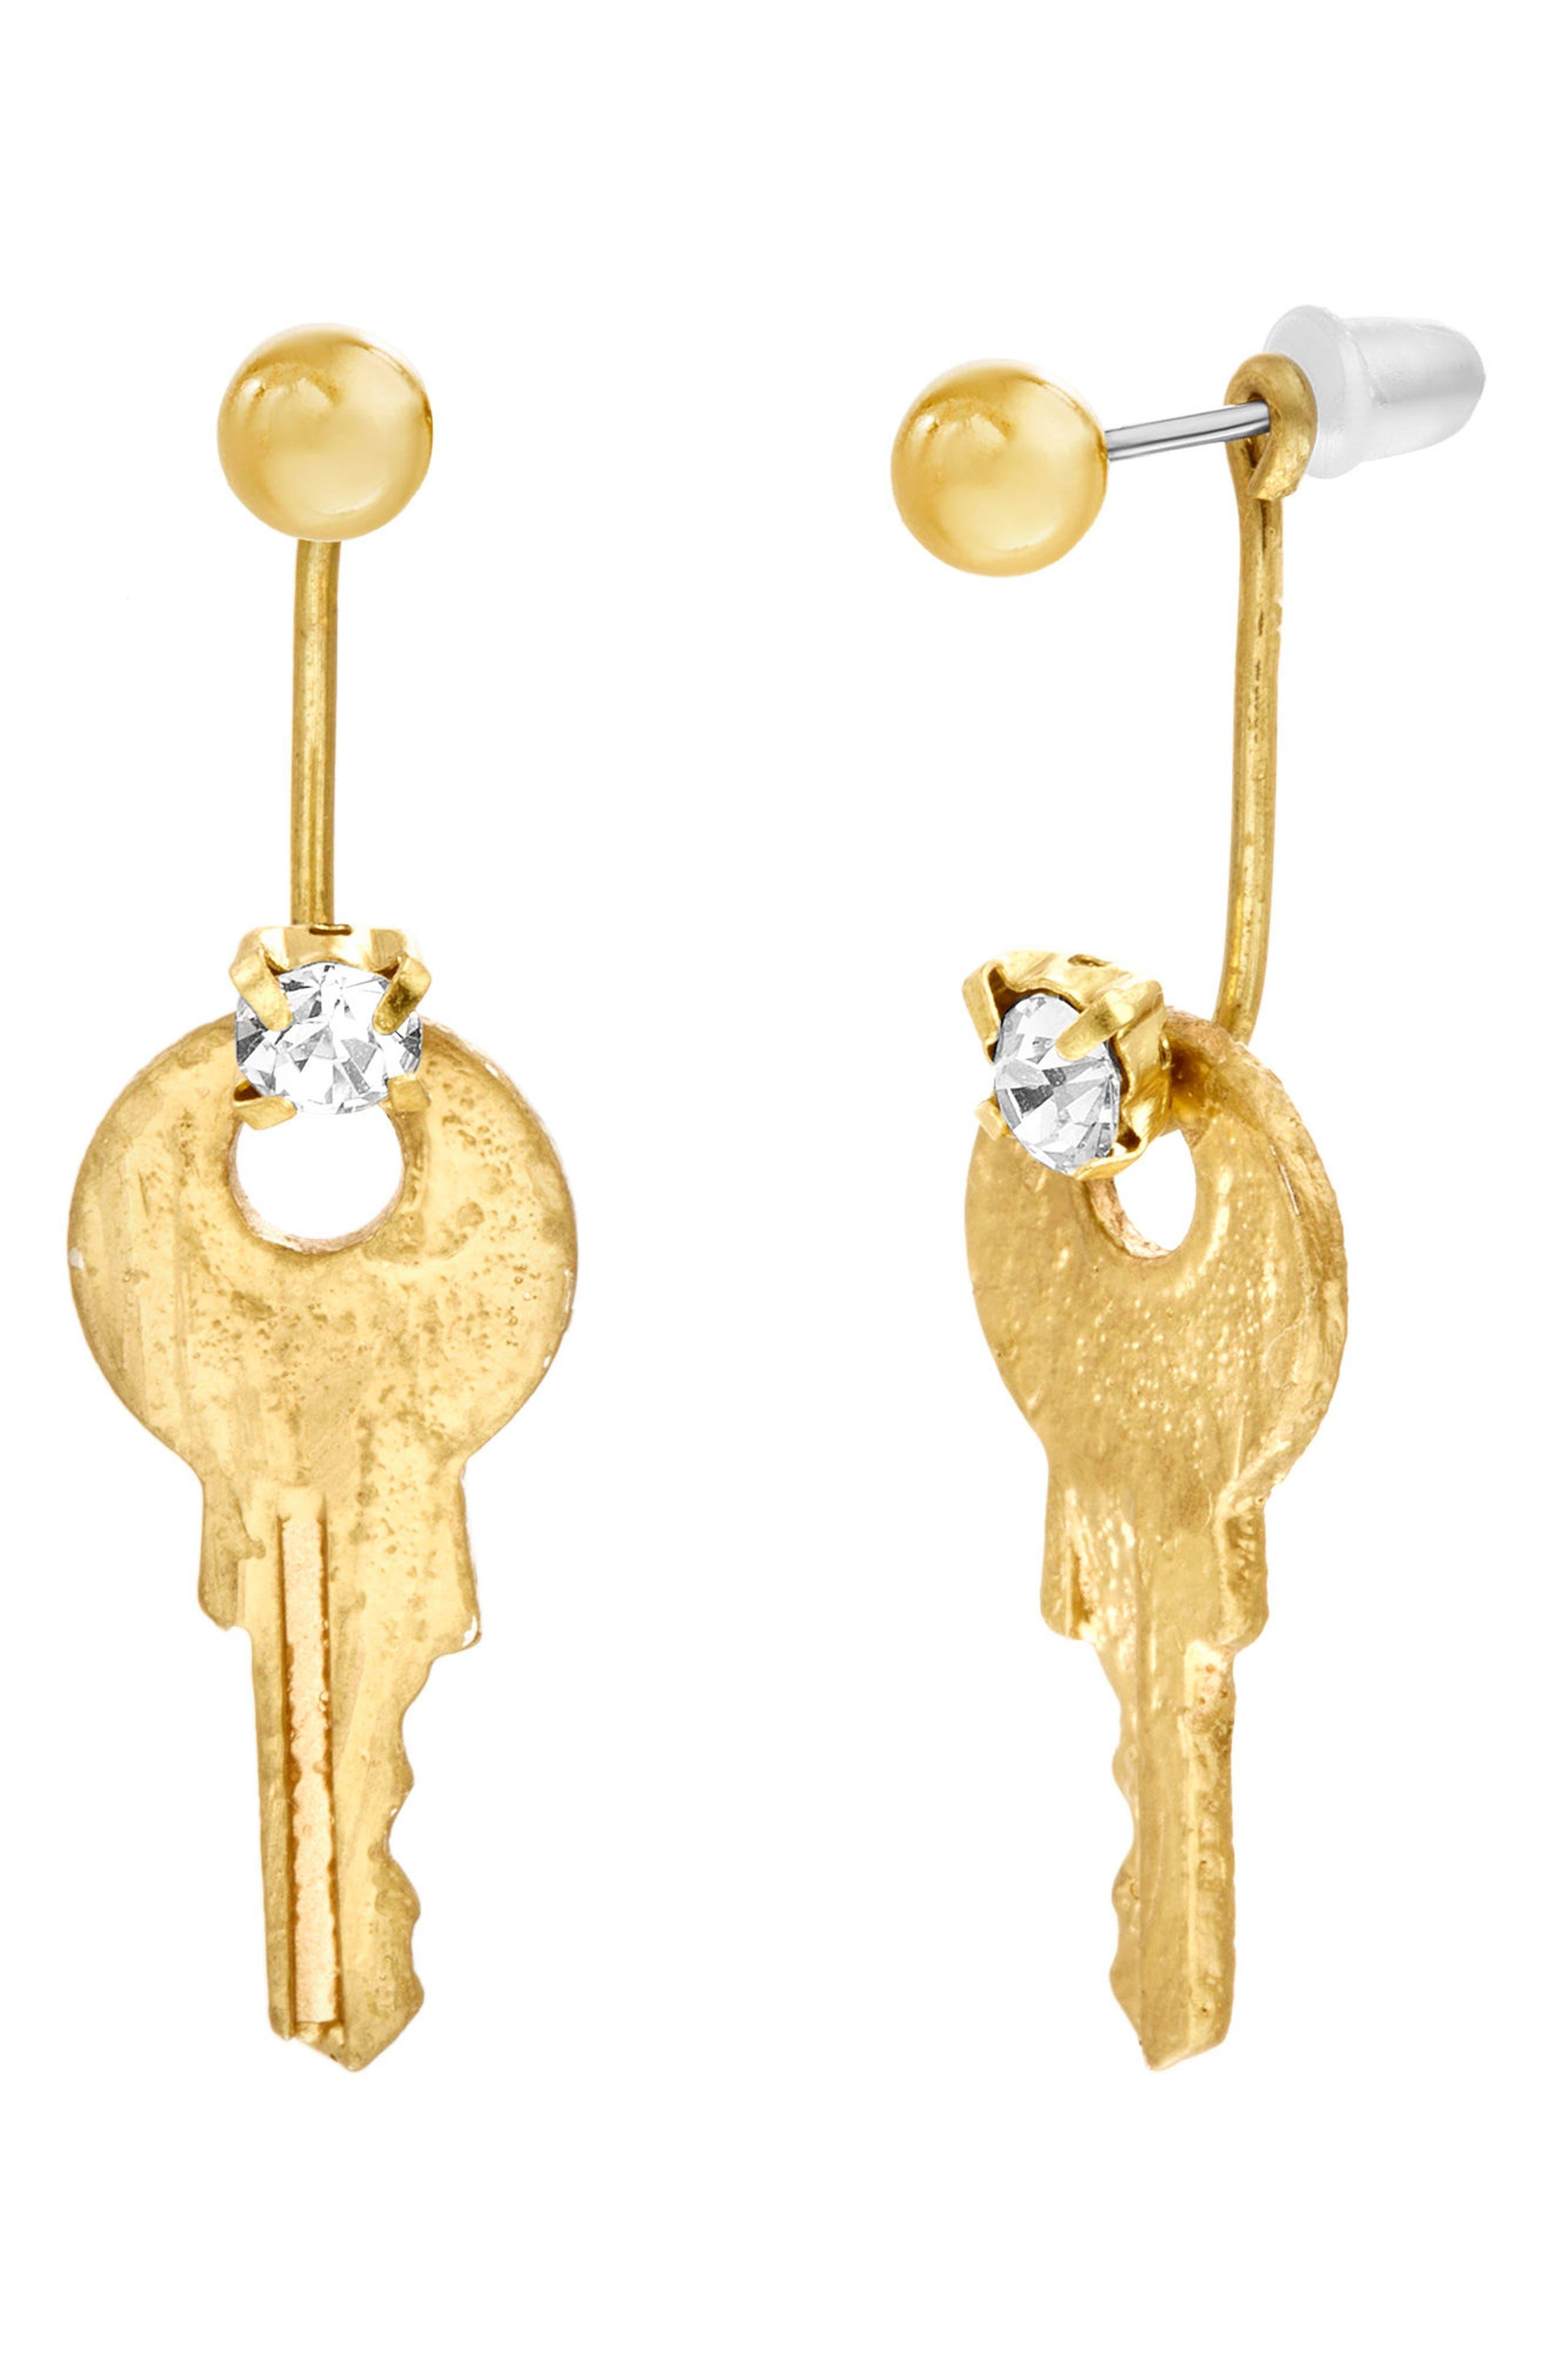 Main Image - Steve Madden Key Statement Earrings